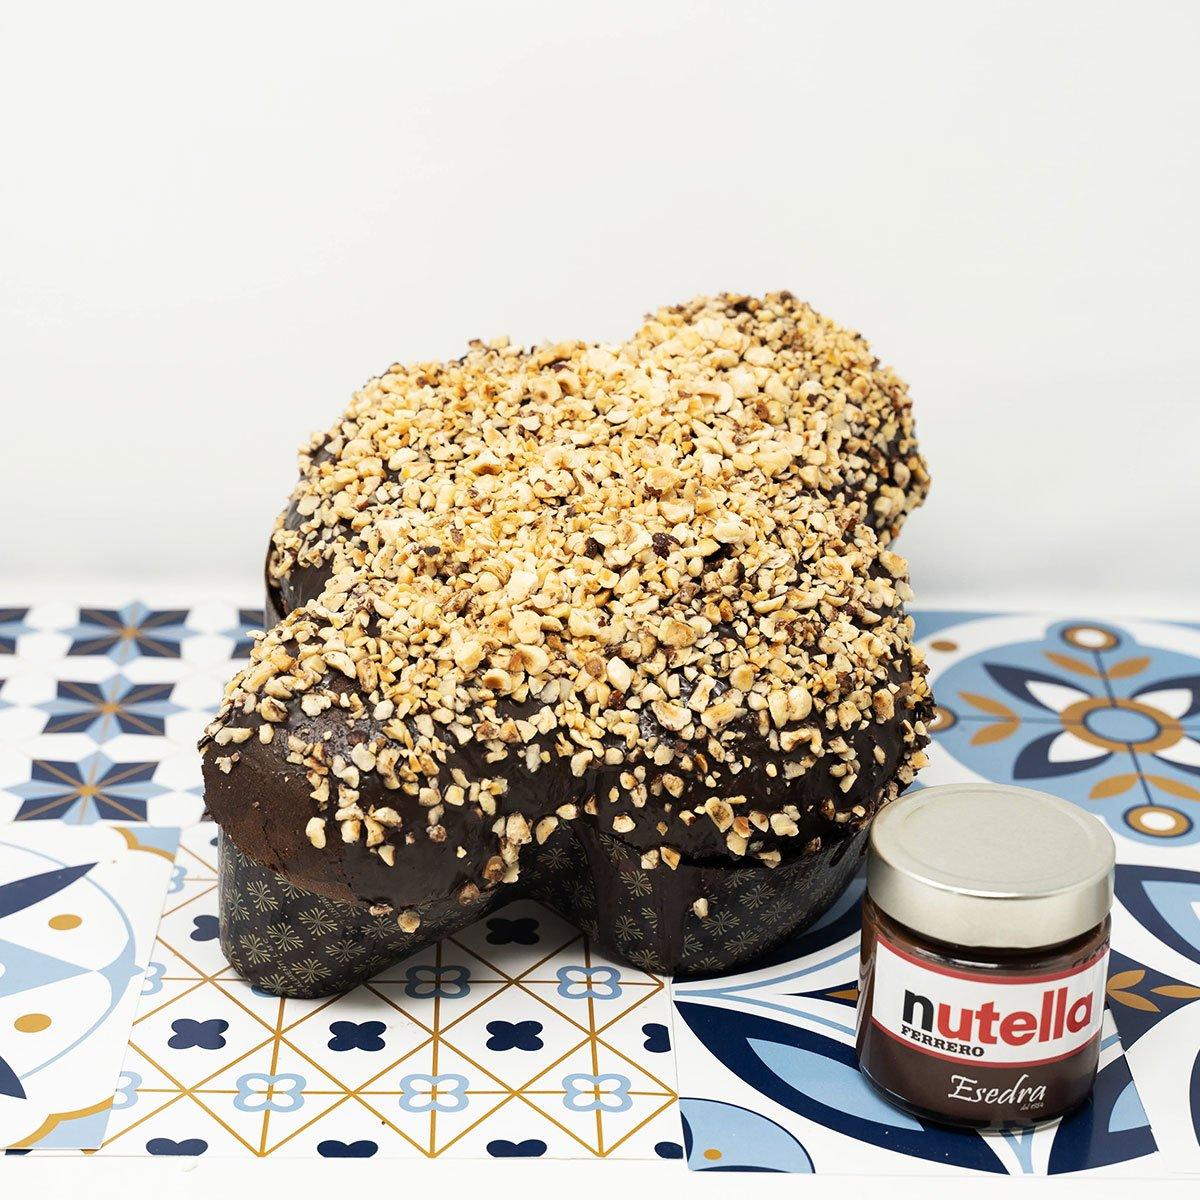 Colomba Nutella Pasticceria Esedra